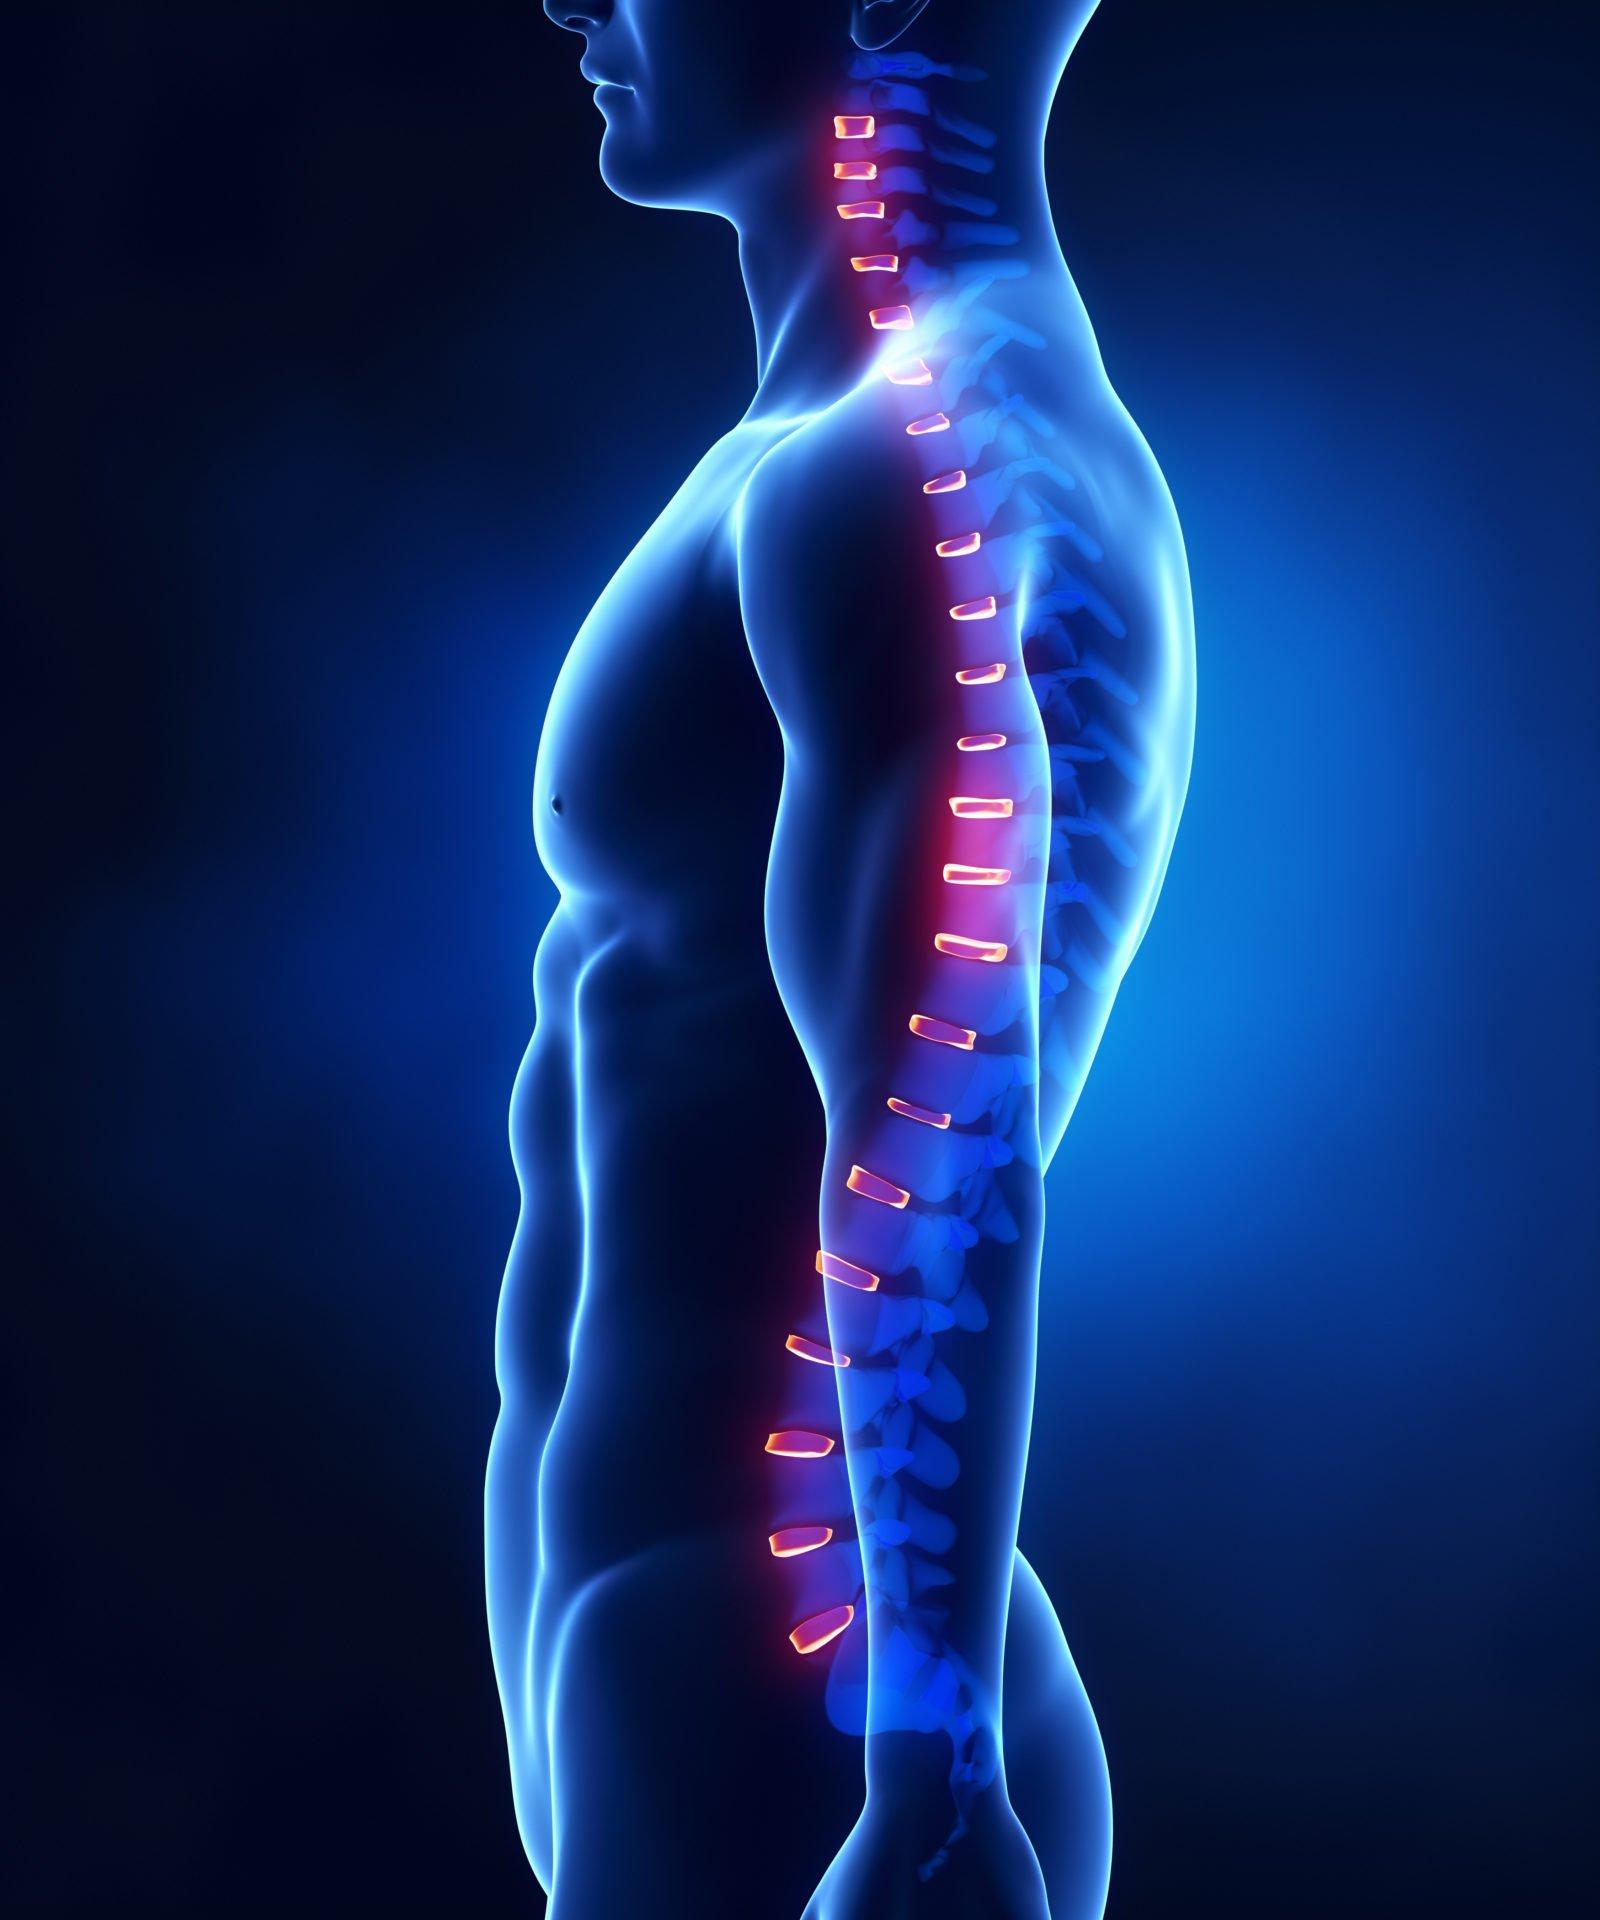 douleurs dos semlles orthopédiques